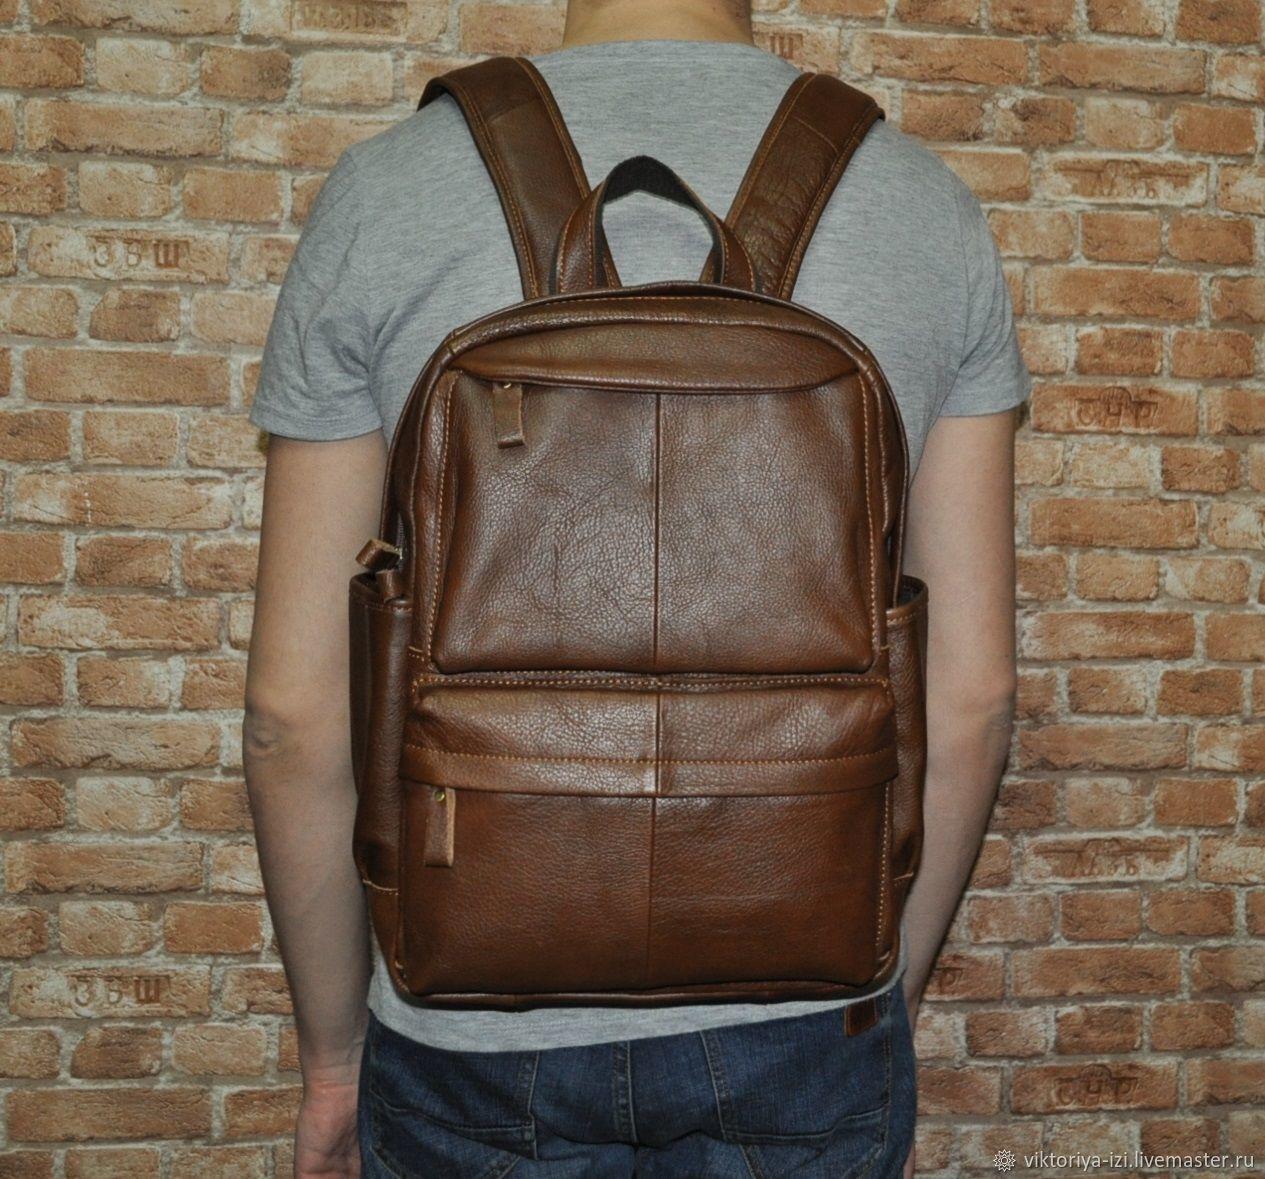 Рюкзак мужской кожаный коричневый, Рюкзаки, Москва,  Фото №1